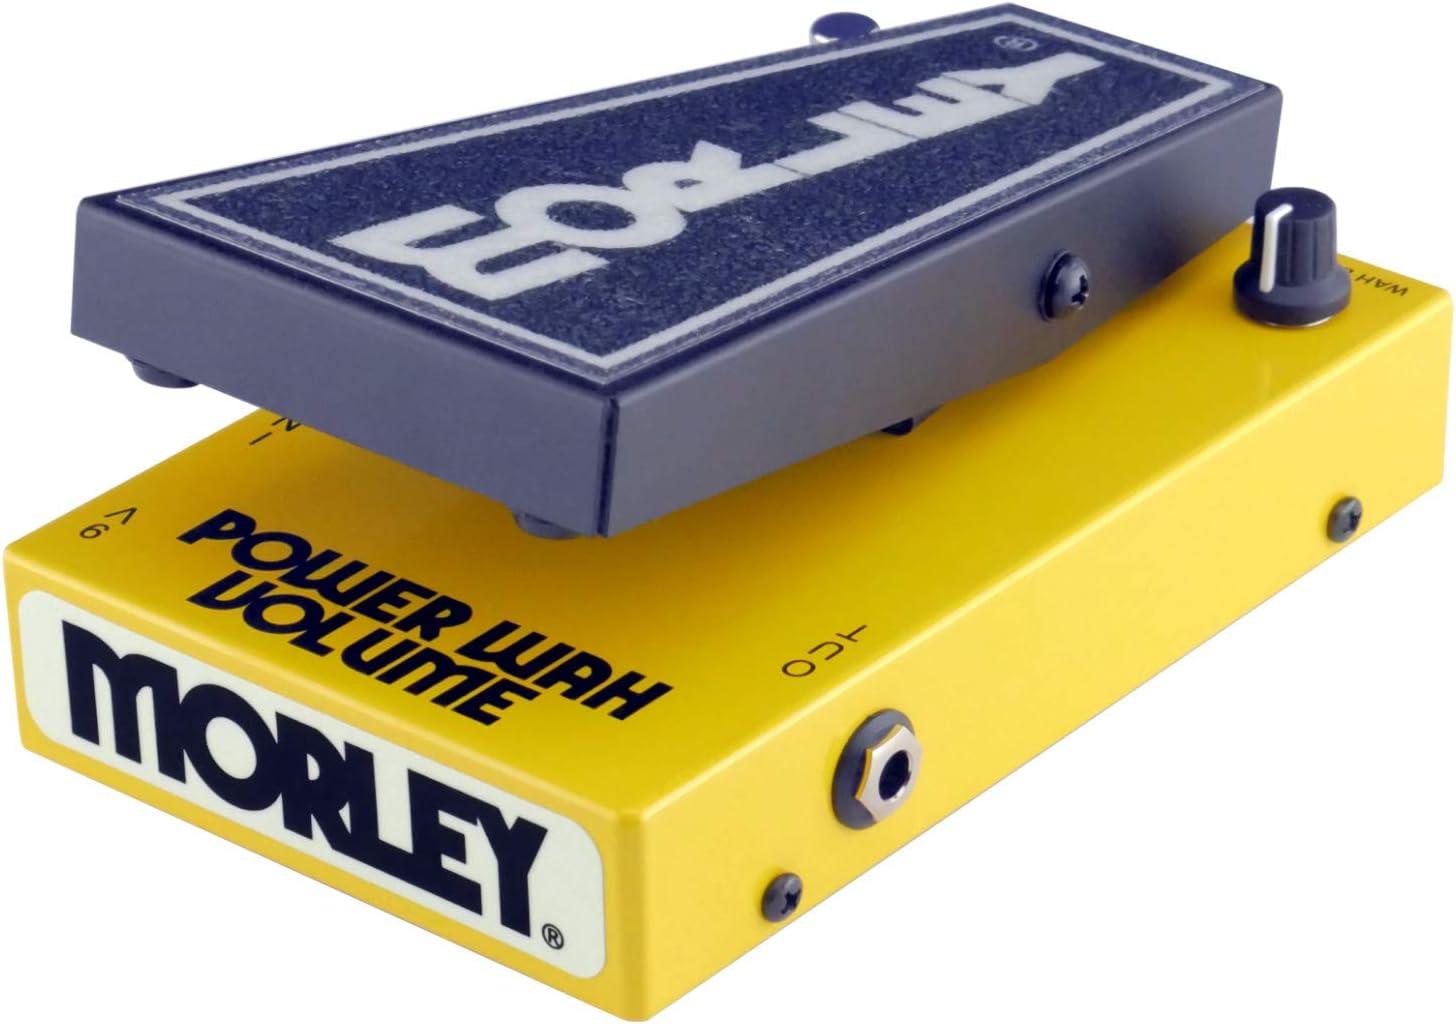 Morley 20//20 Power Wah Volume Pedal